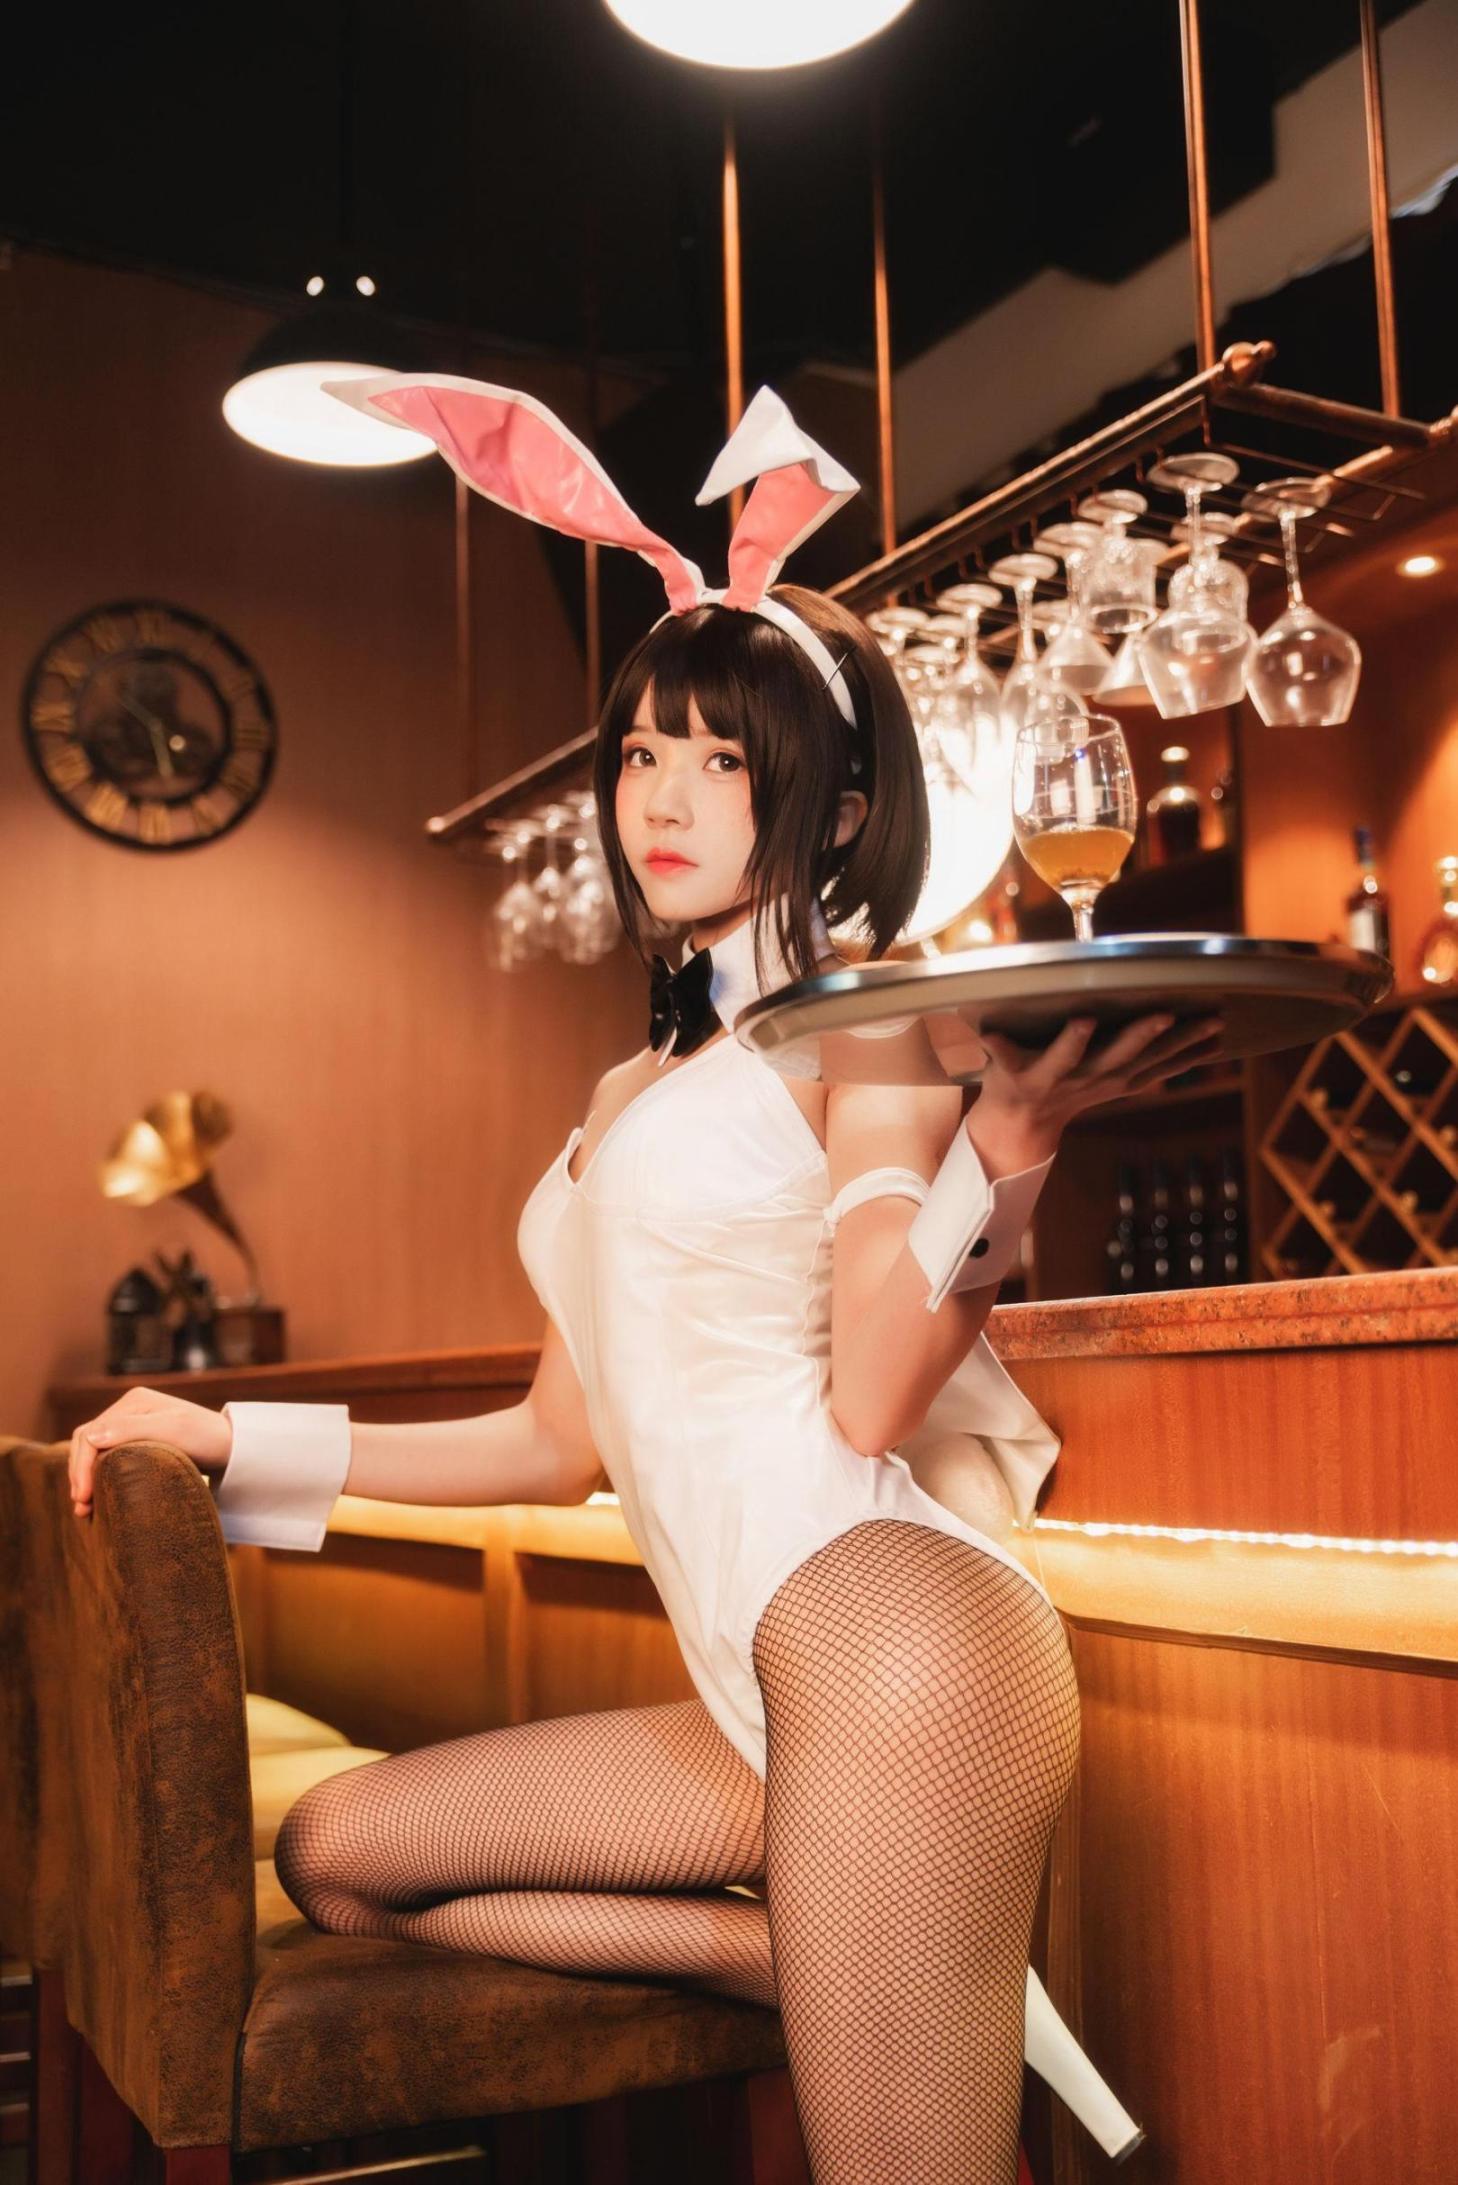 [网络美女] 桜桃喵 (加藤惠)兔女郎 高清写真套图